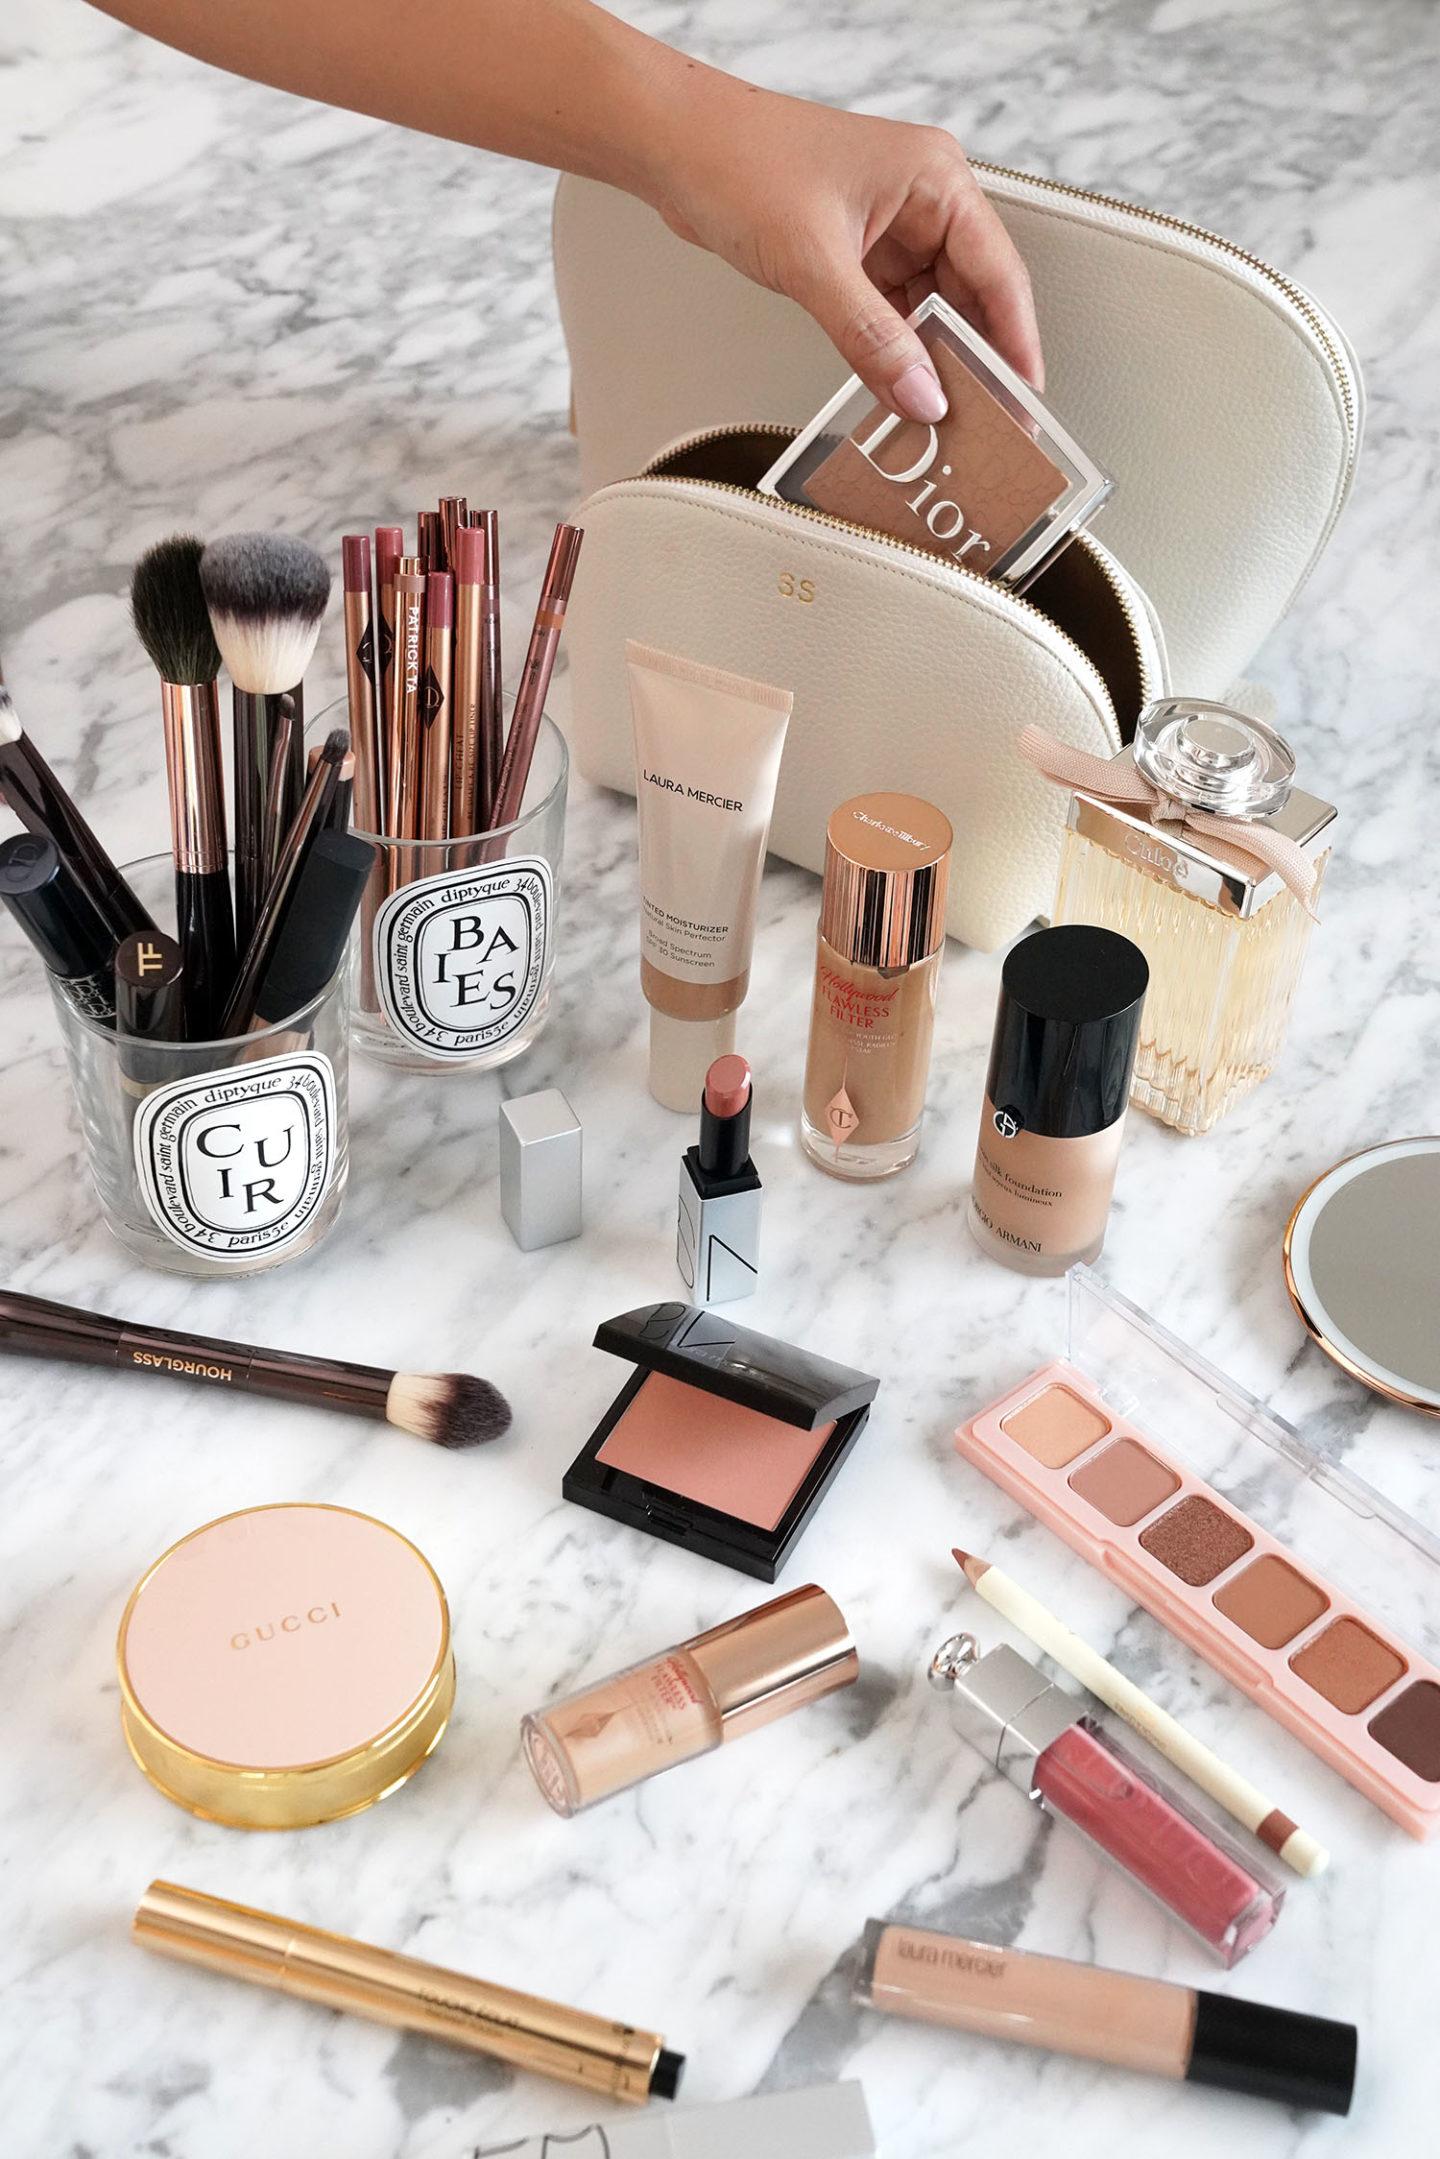 Meilleurs choix de maquillage pour la vente SPRING Sephora